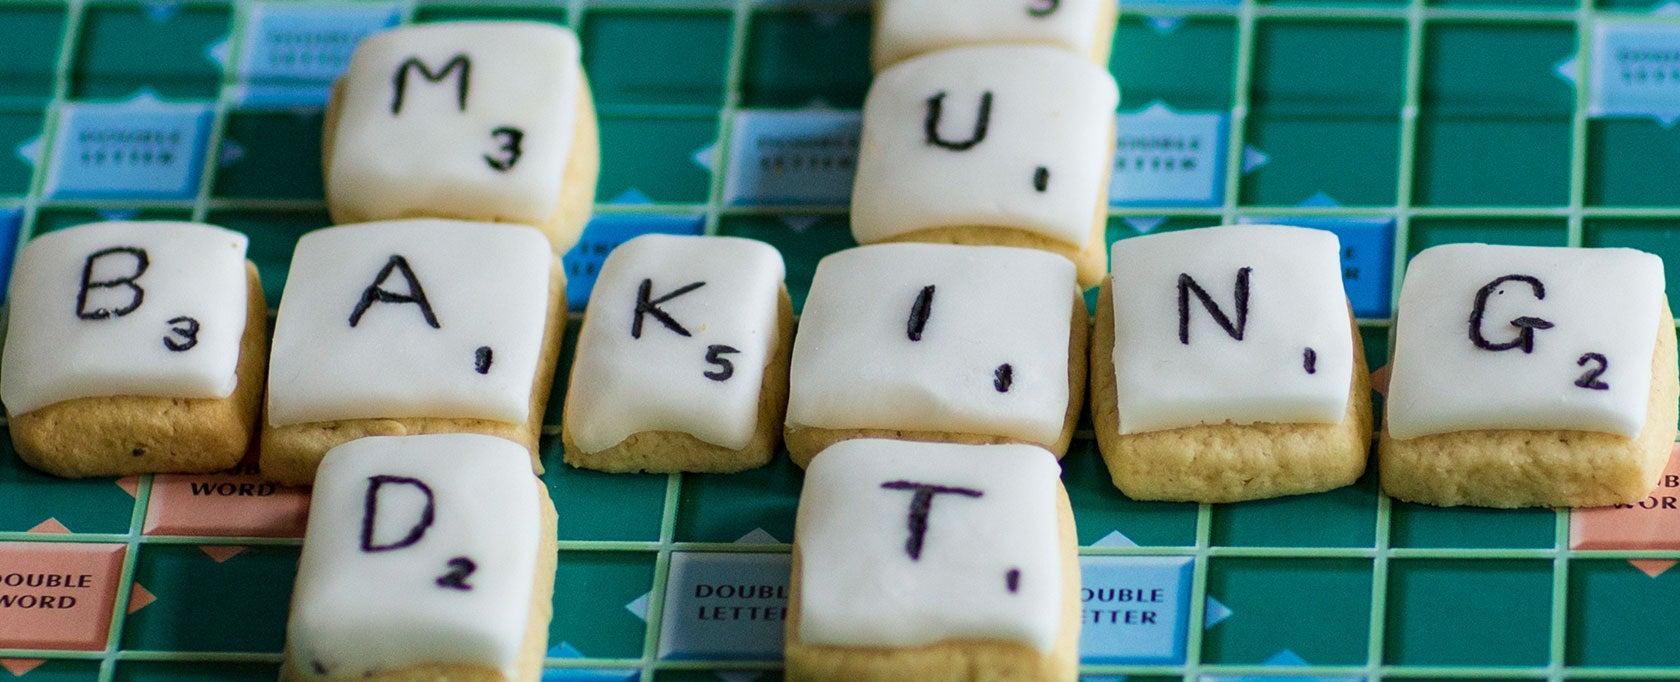 Scrabble_SMain.jpg